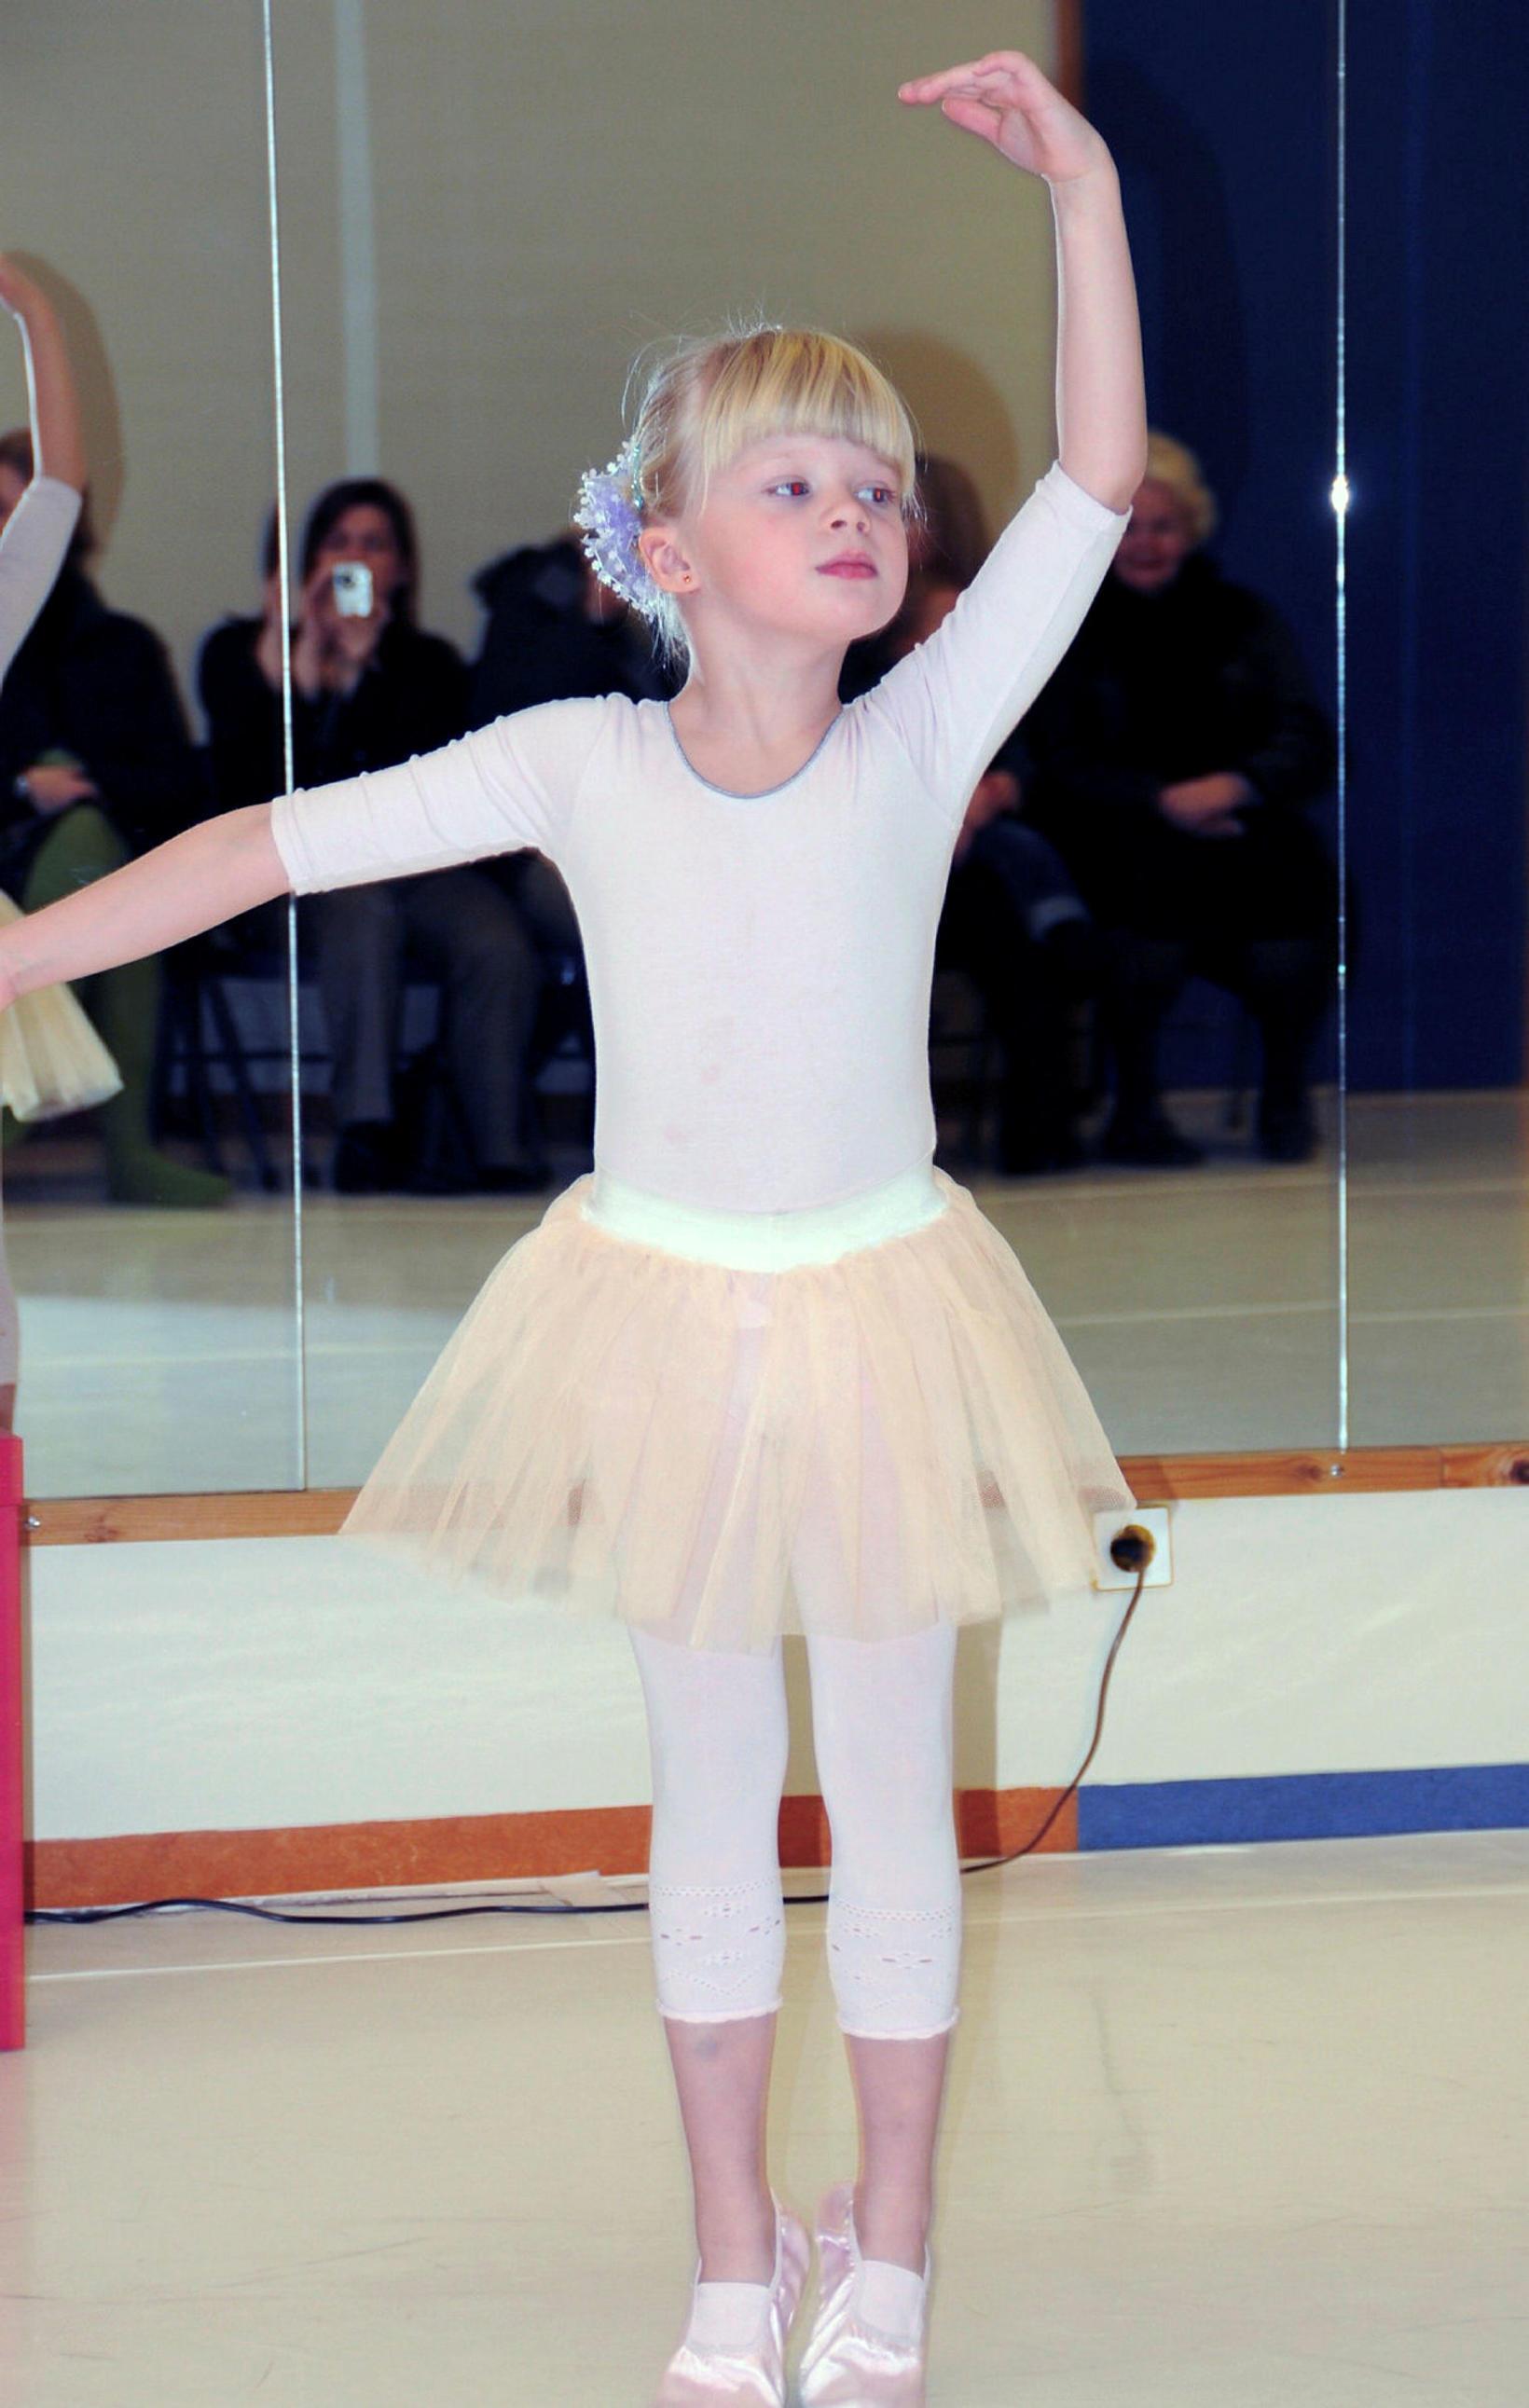 Hér má sjá Ísabellu litla í ballettkjól.